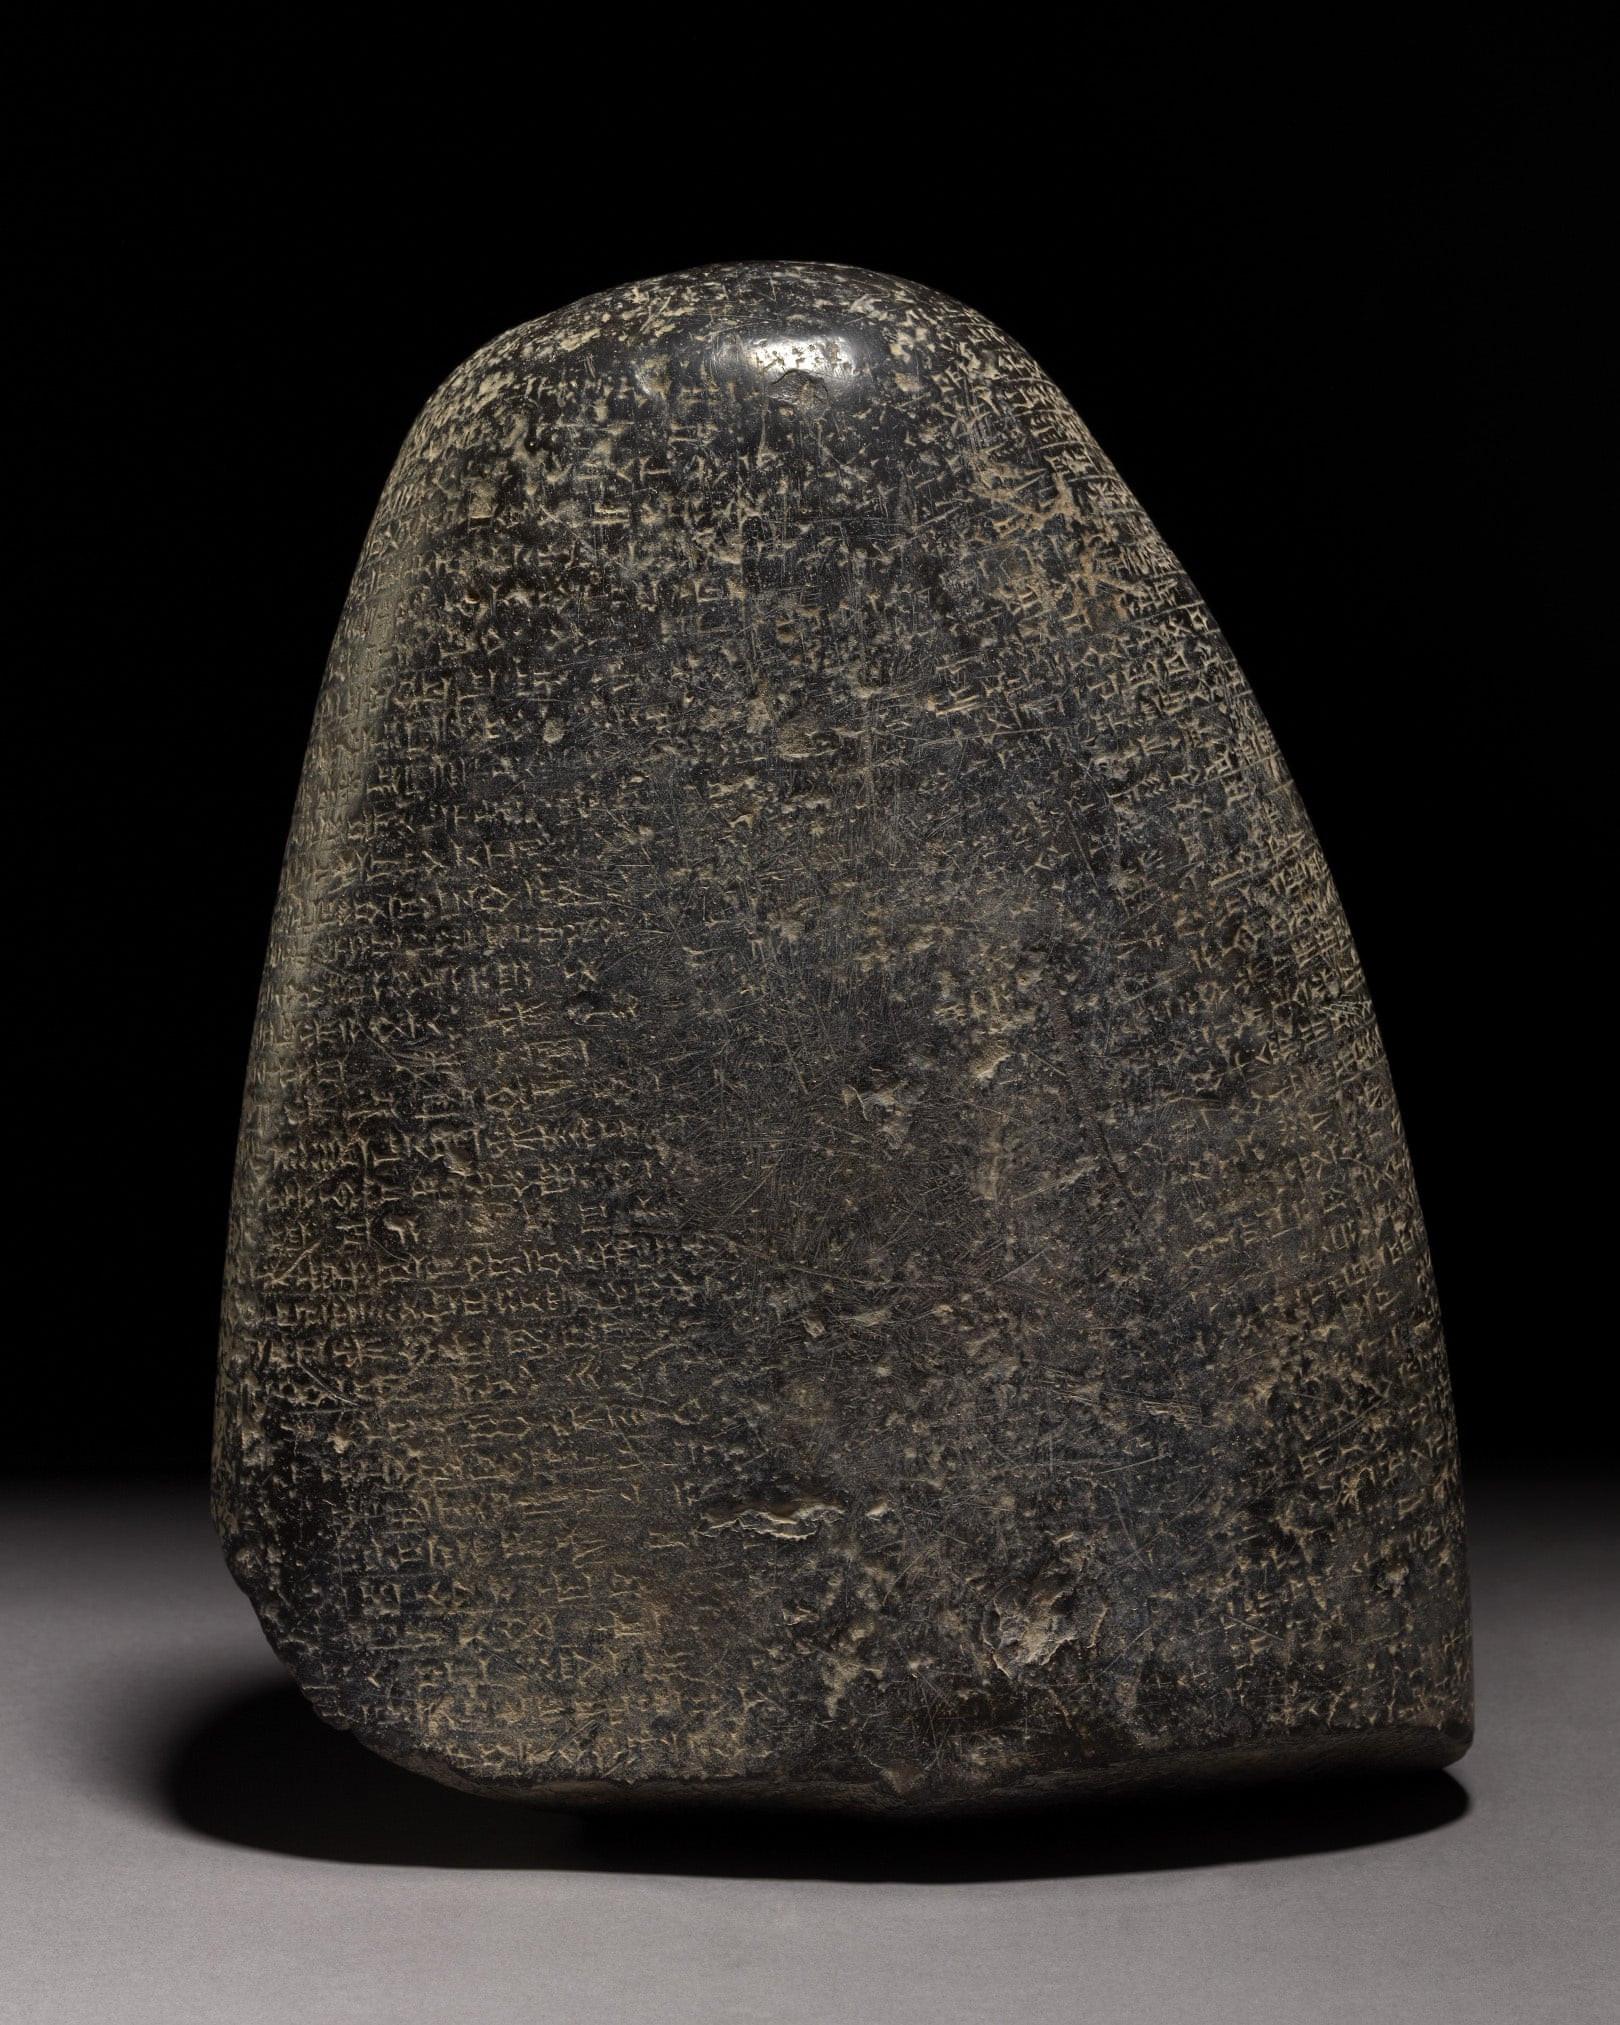 Reino Unido devolve ao Iraque artefacto da Babilónia com 3 mil anos